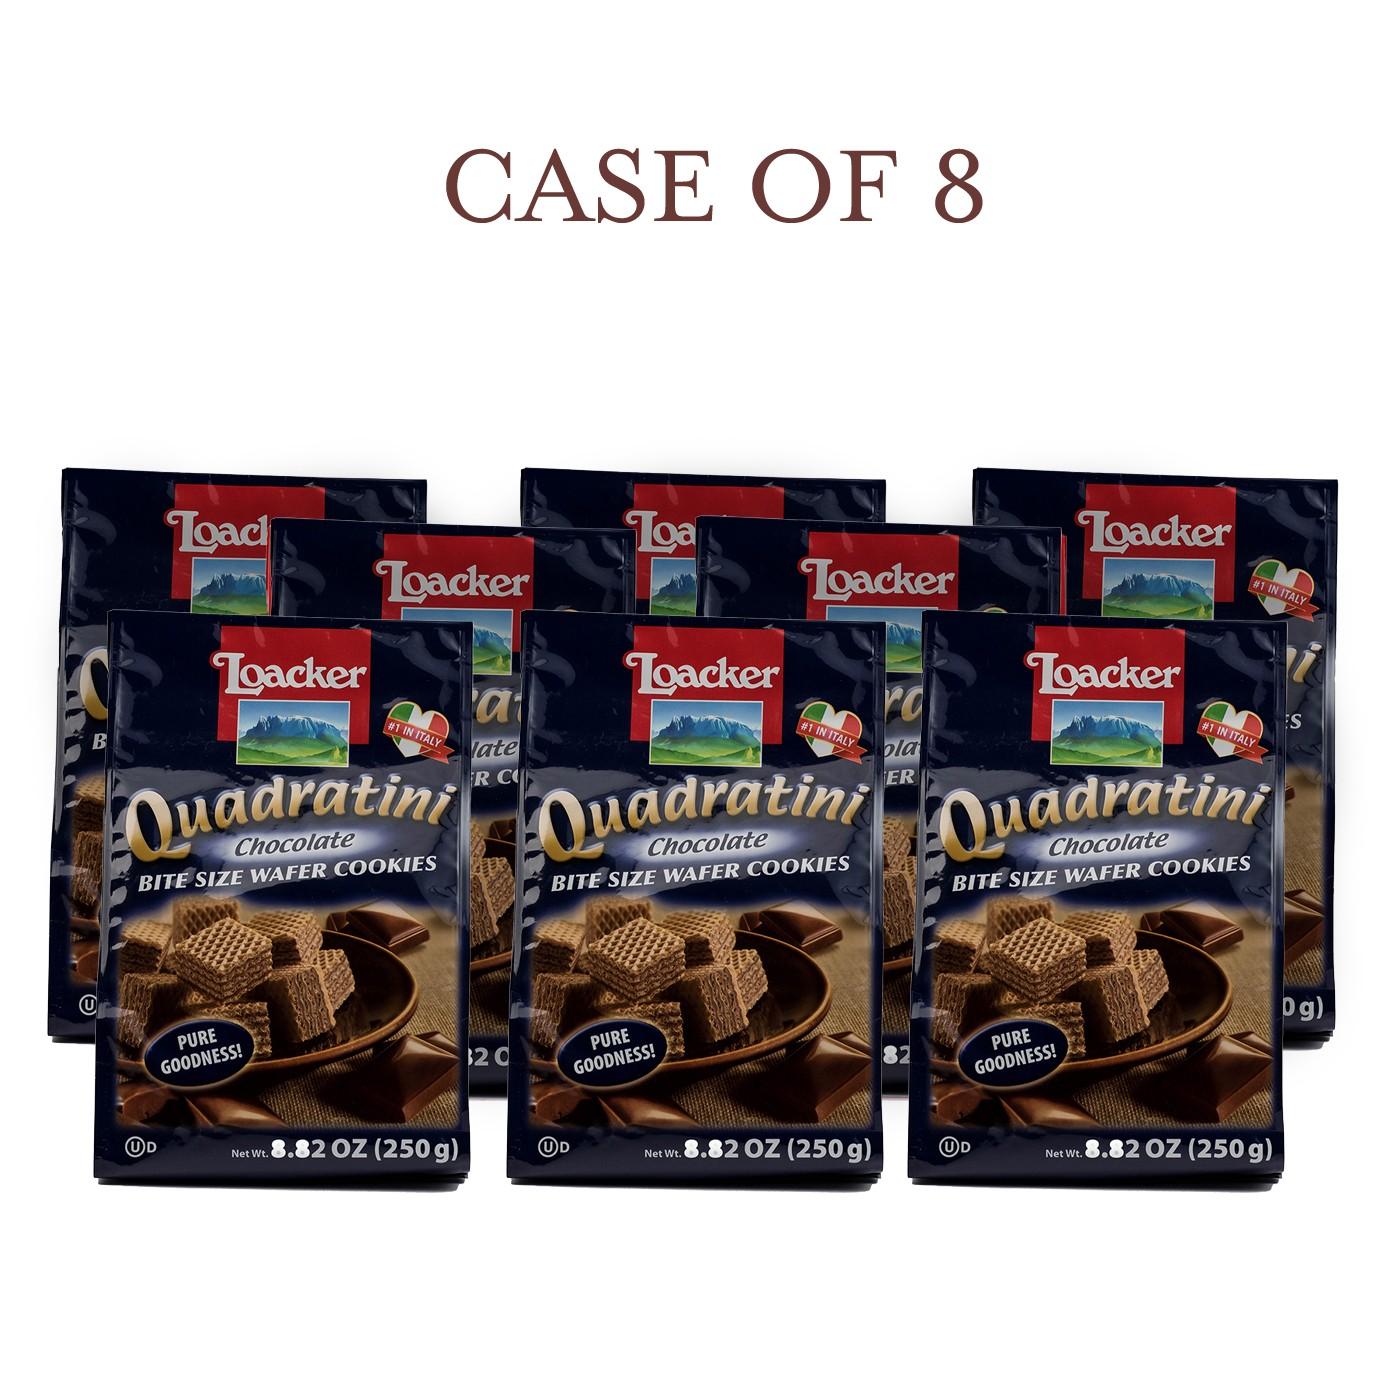 Chocolate Quadratini - Case of 8